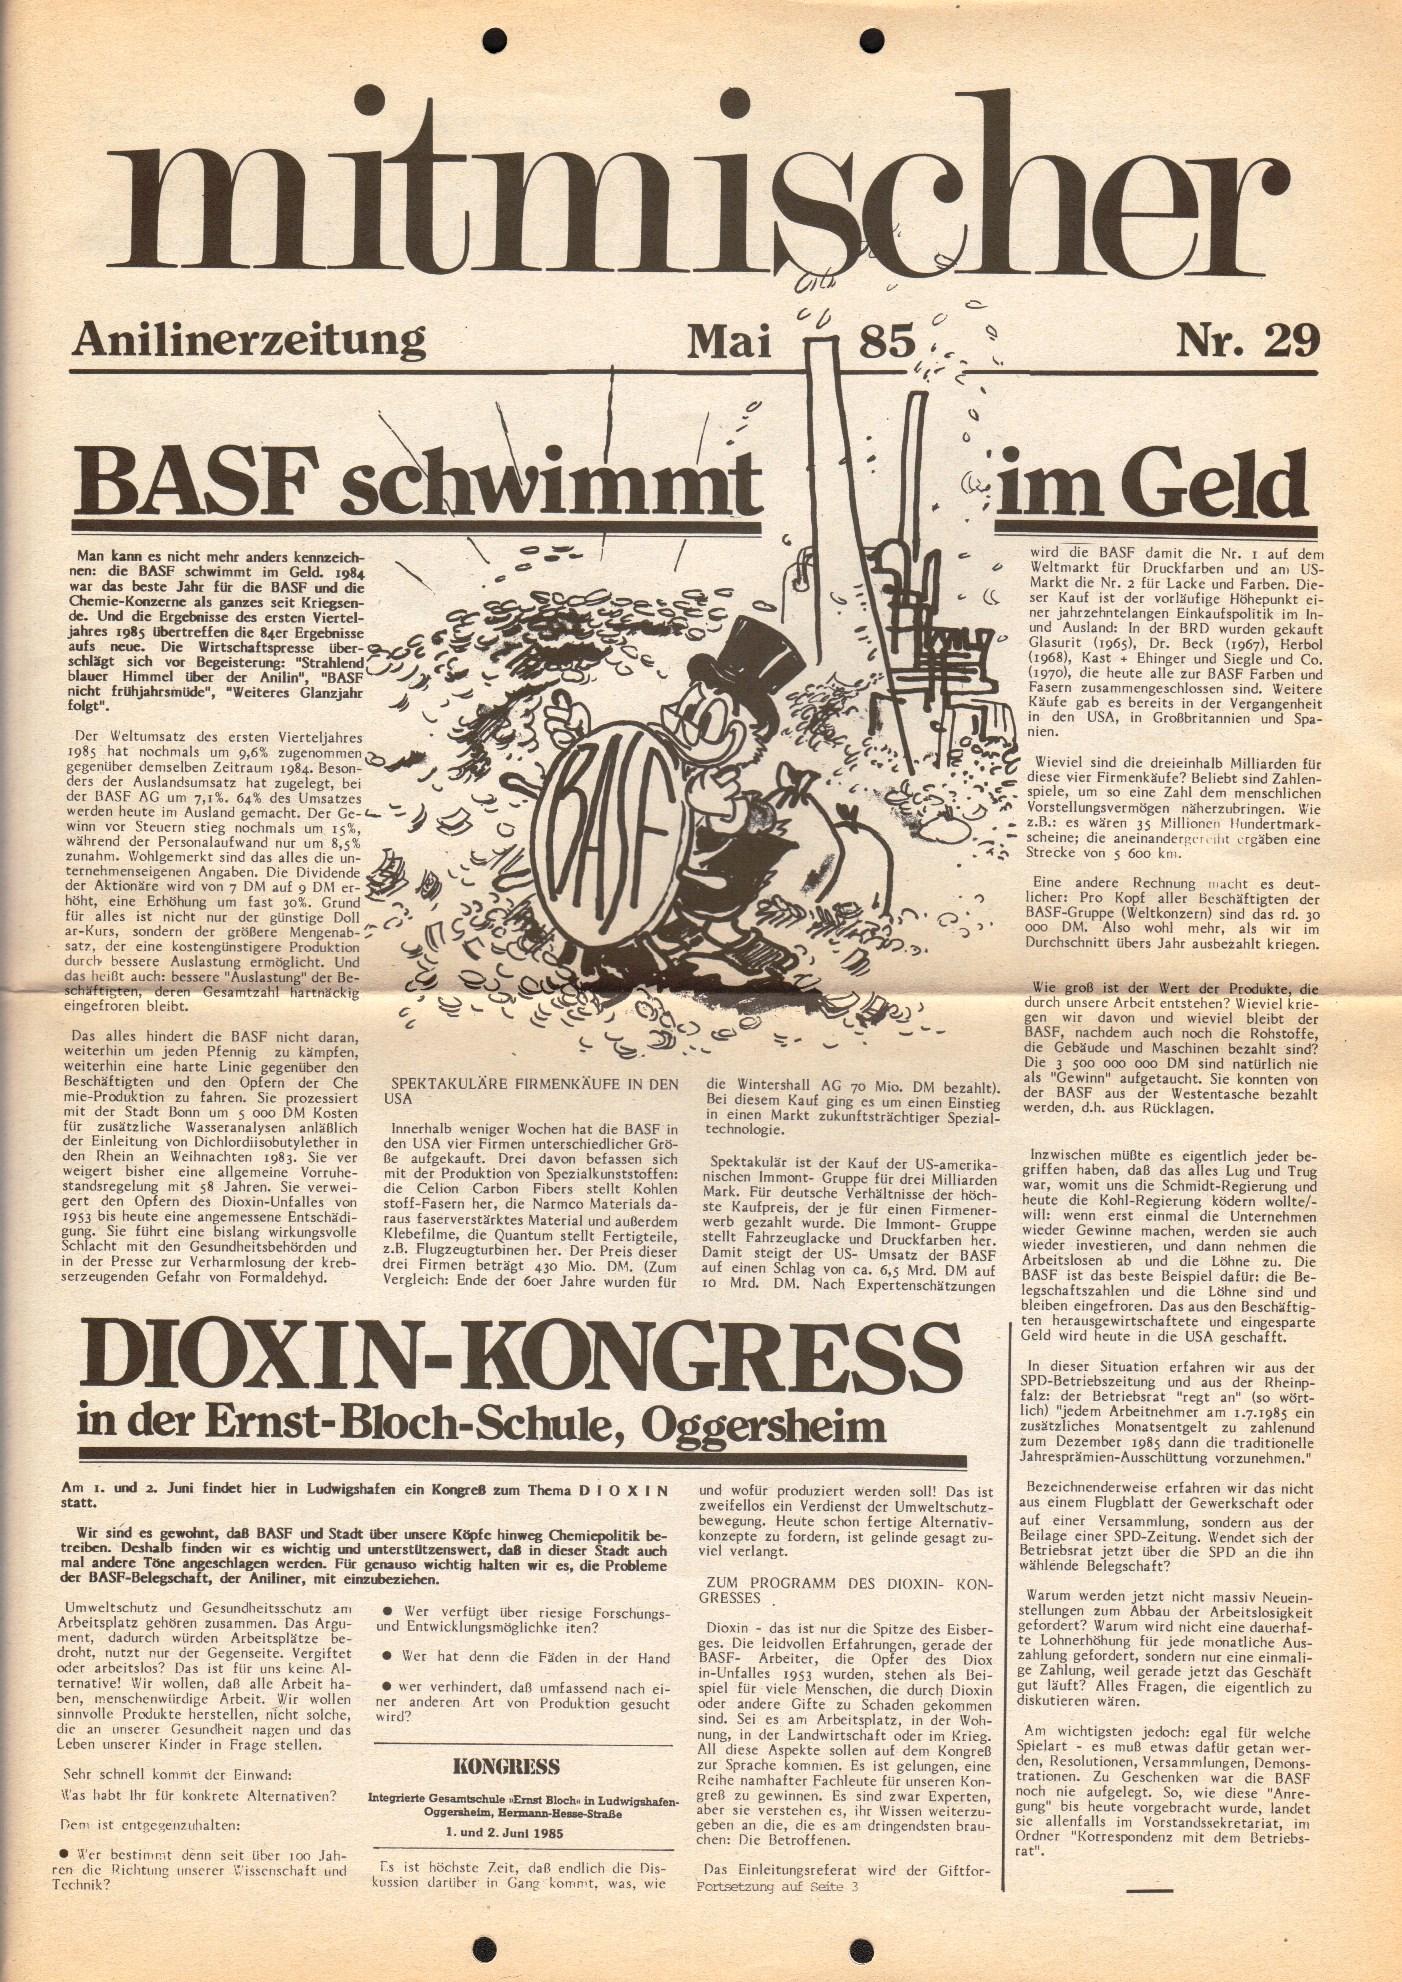 Ludwigshafen_Mitmischer_1985_29_01